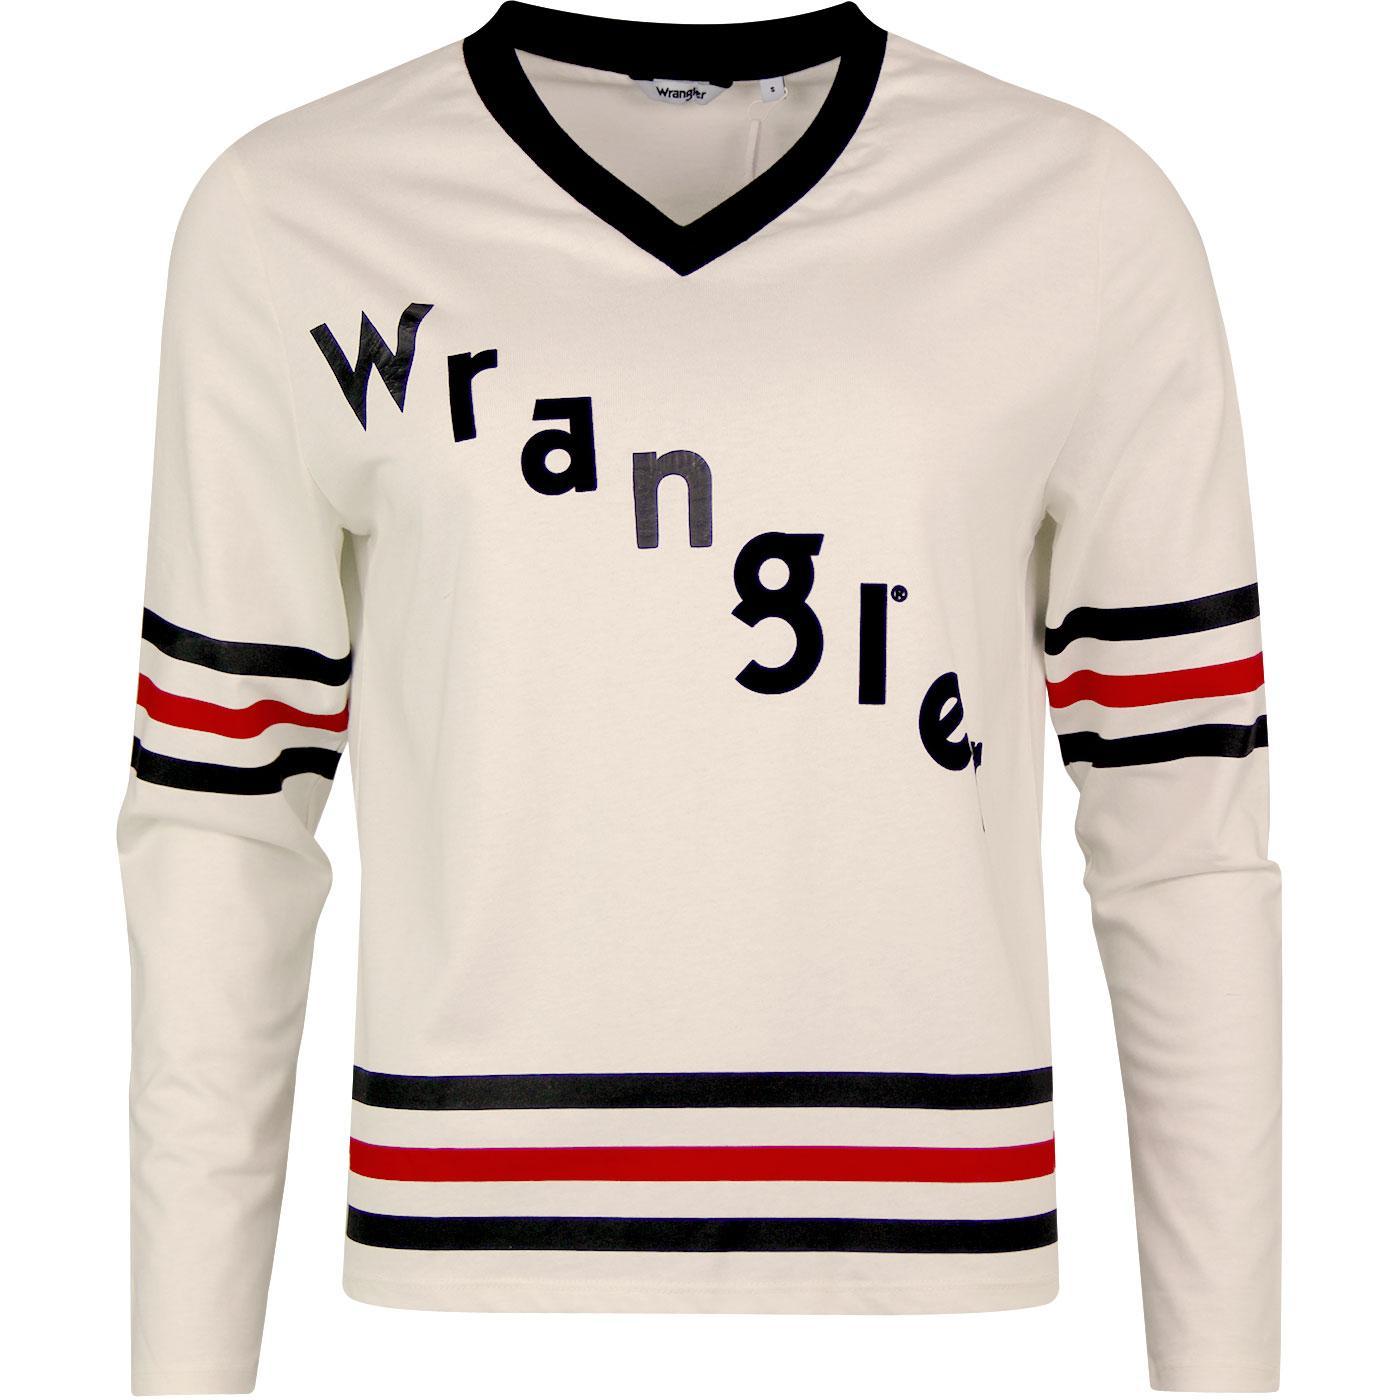 WRANGLER Women's Retro 70s V-Neck 47 Tee (Egret)